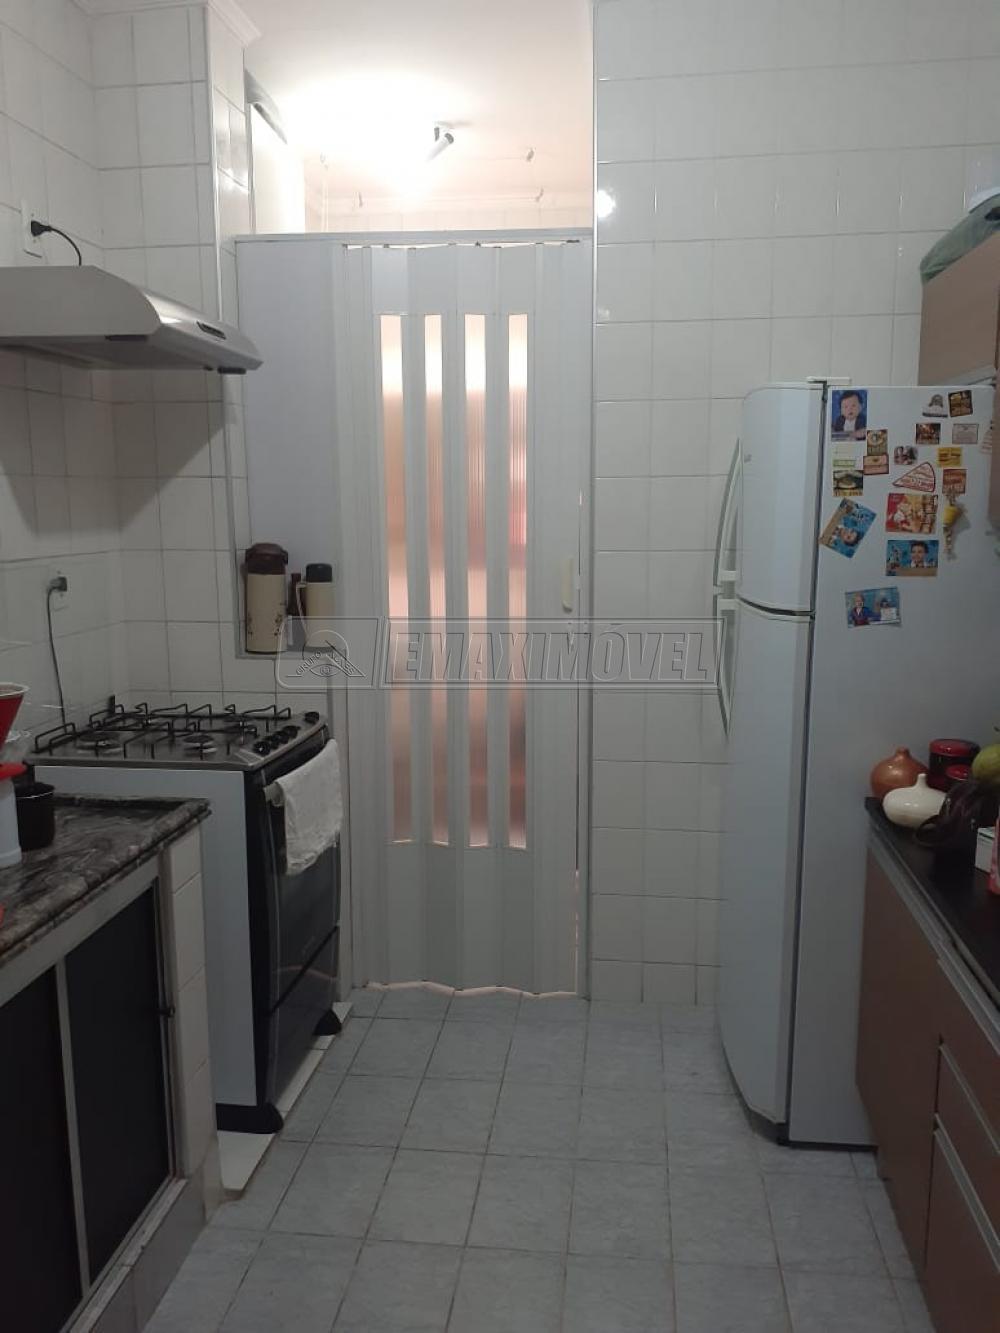 Comprar Apartamentos / Apto Padrão em Sorocaba R$ 285.000,00 - Foto 16